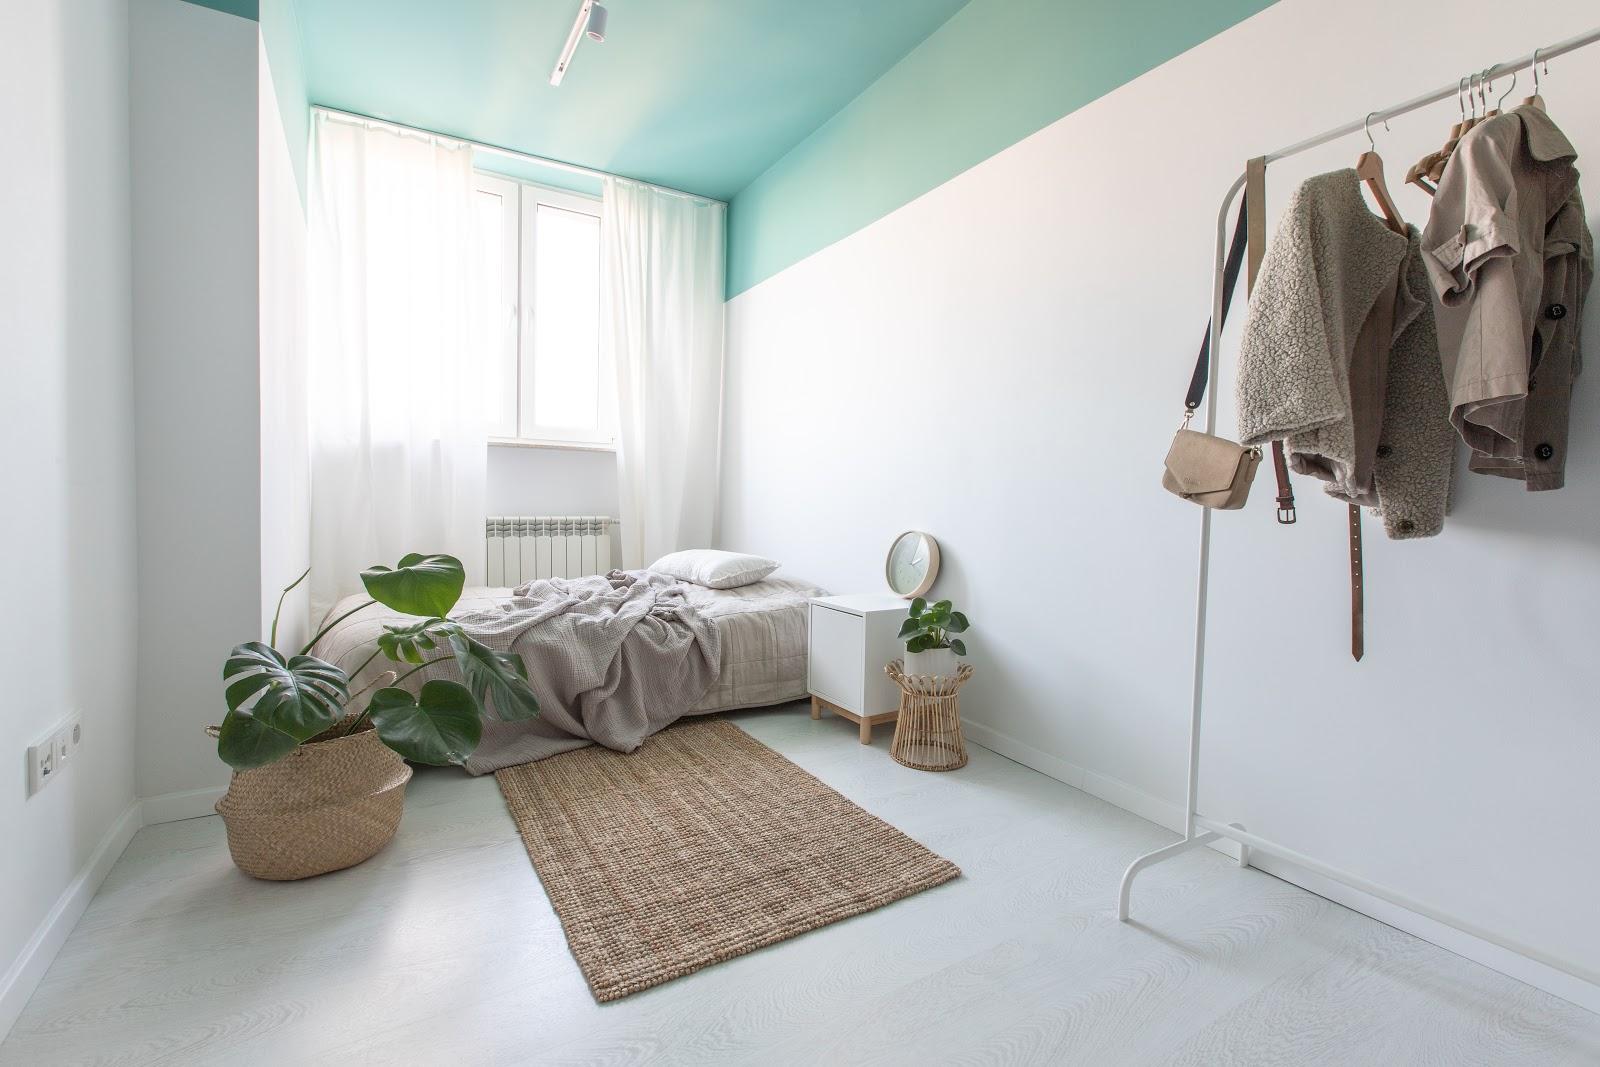 Kolorowy Sufit W Mieszkaniu Wnętrza Zewnętrza Blog